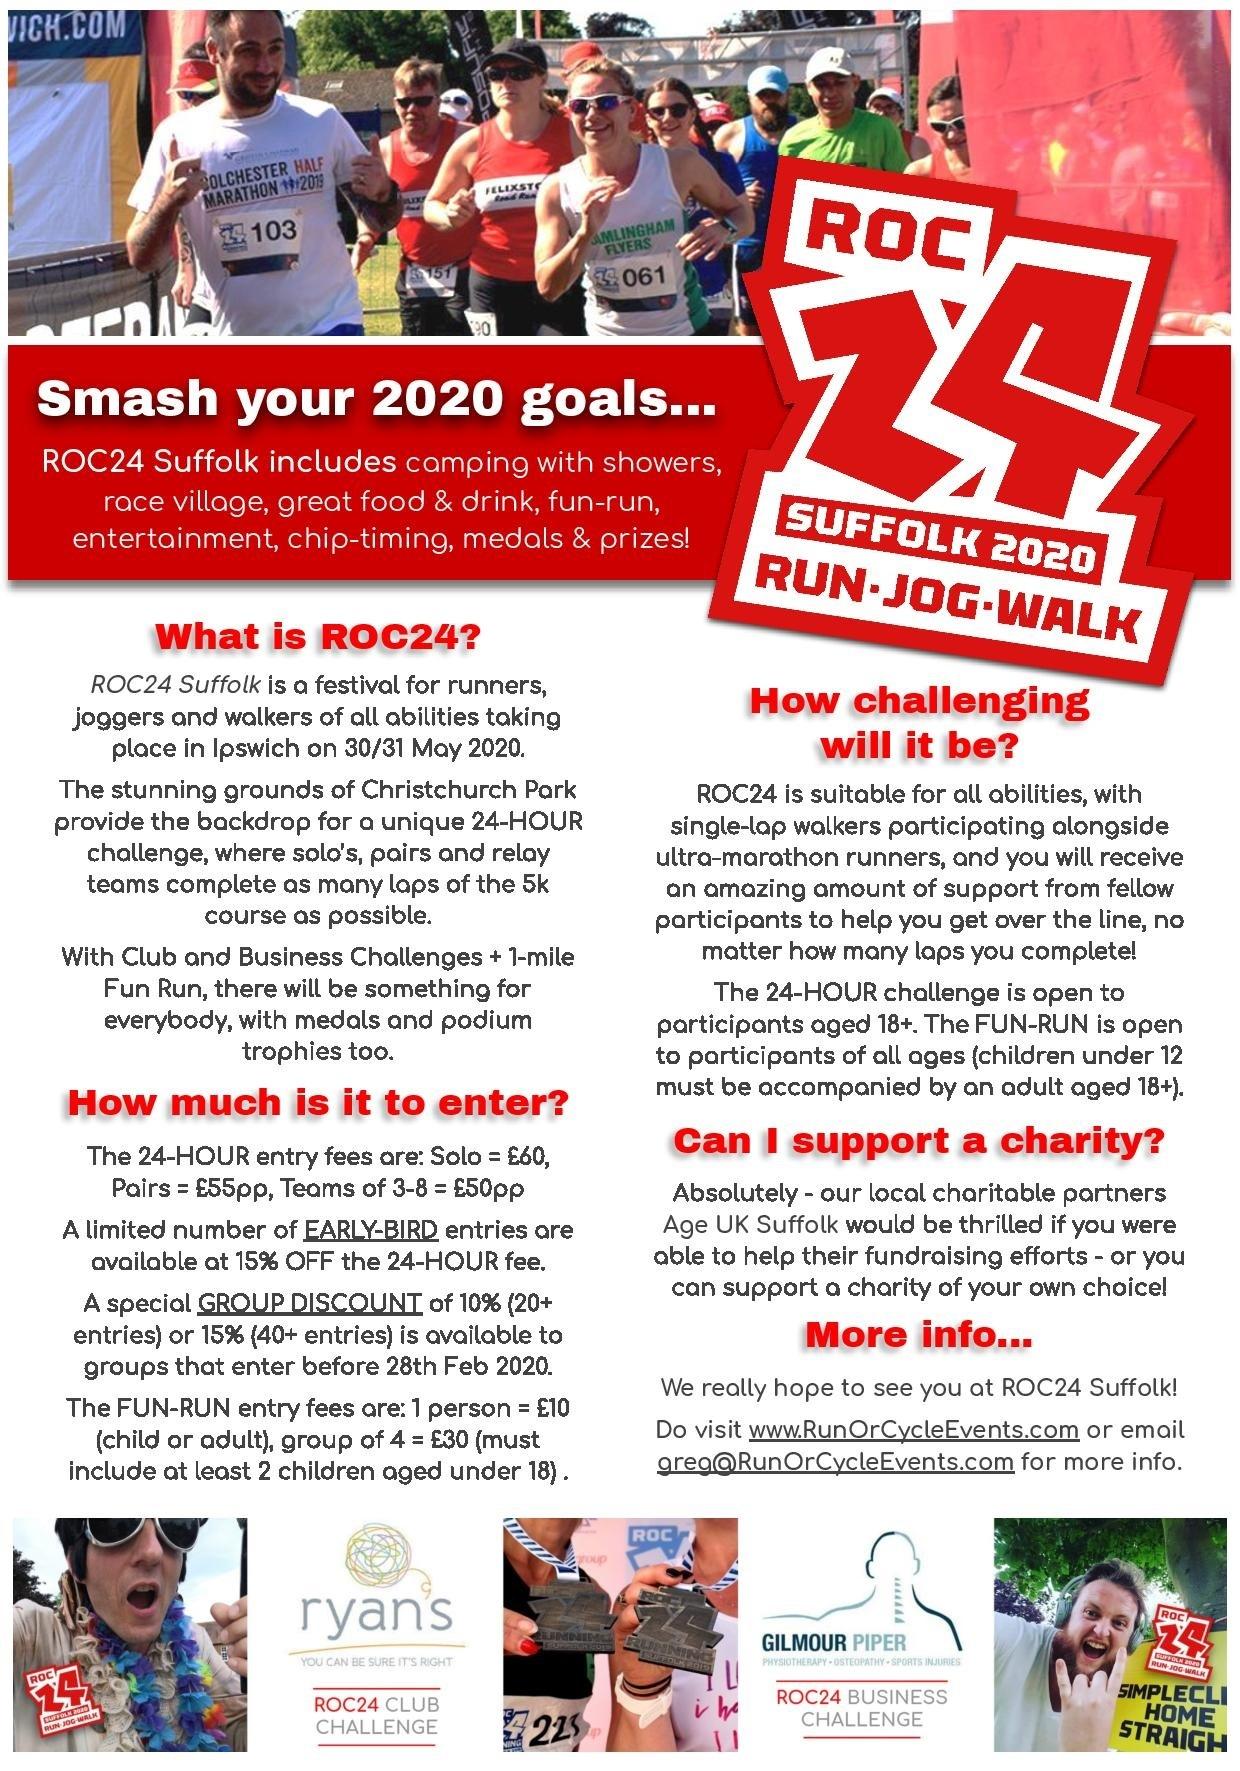 ROC24 Suffolk 2020